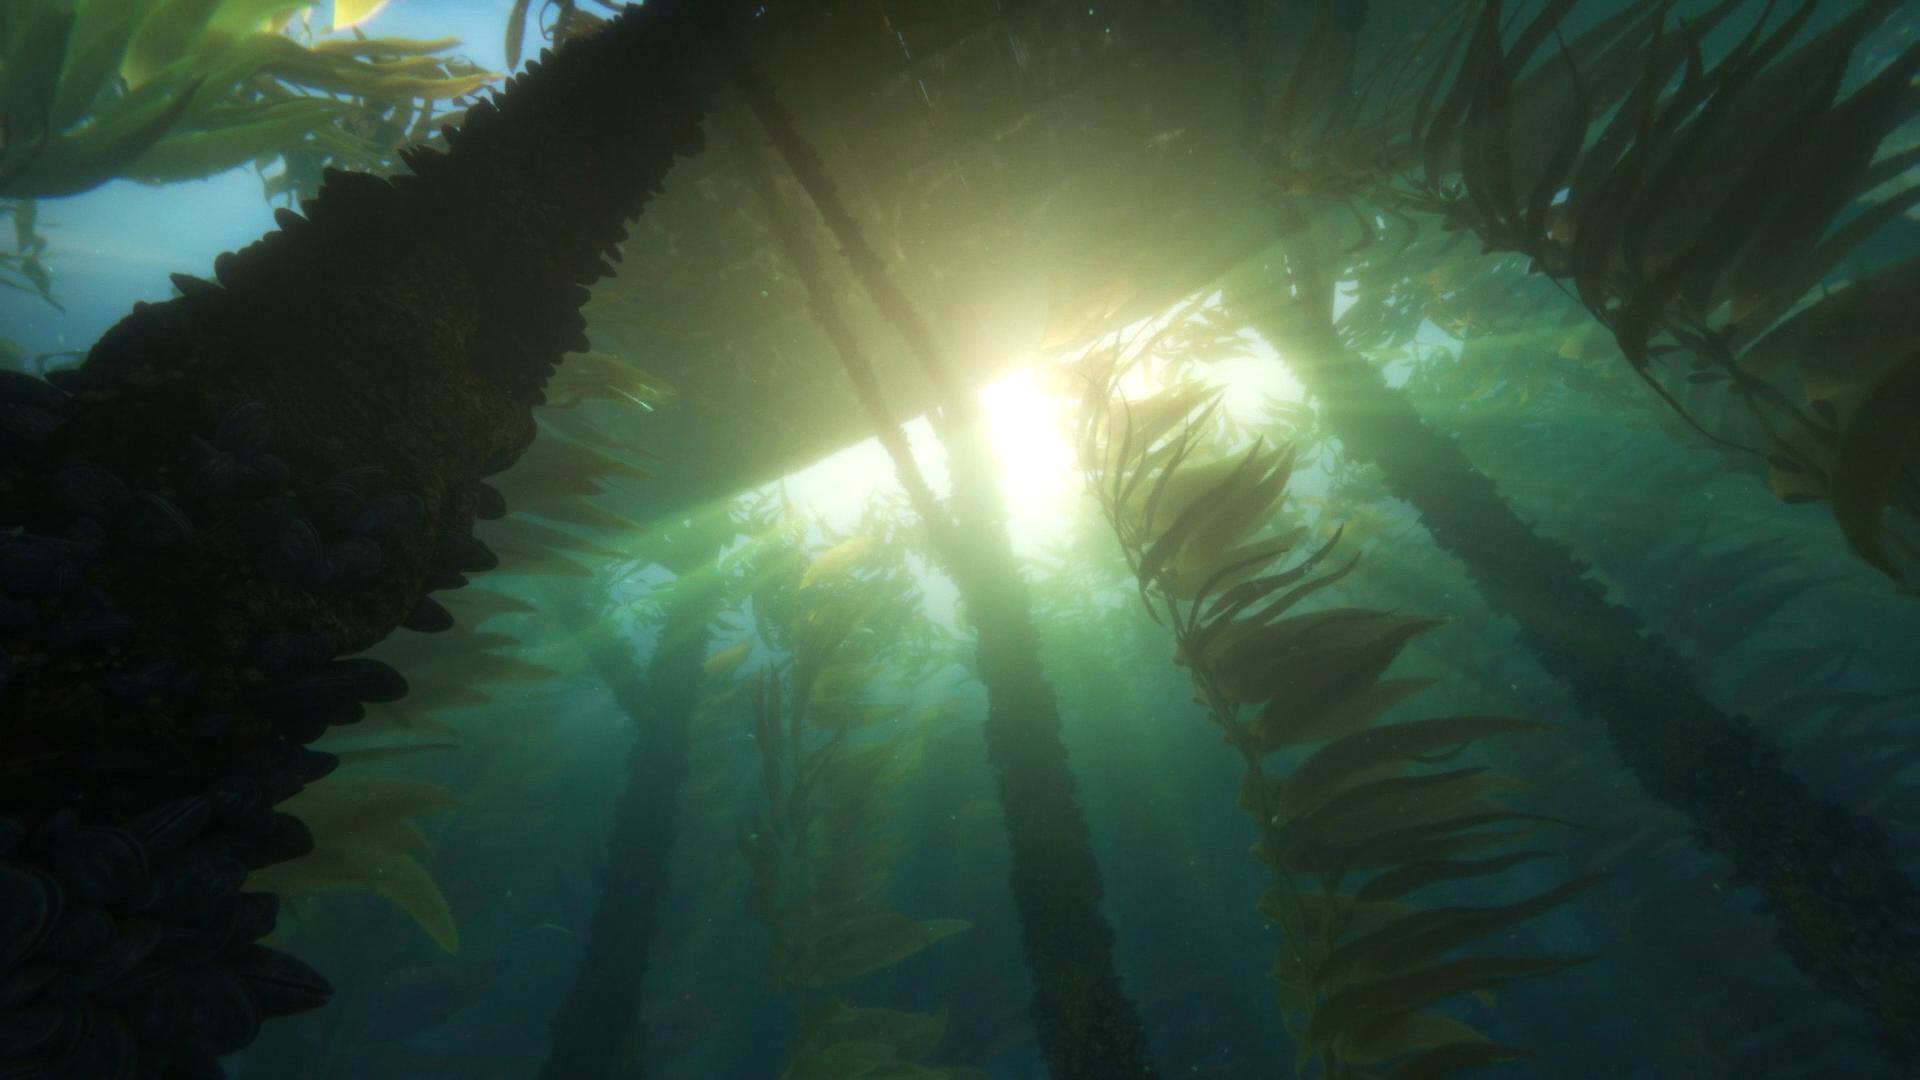 обои солнечный лучик кино подводный анимационные фильмы